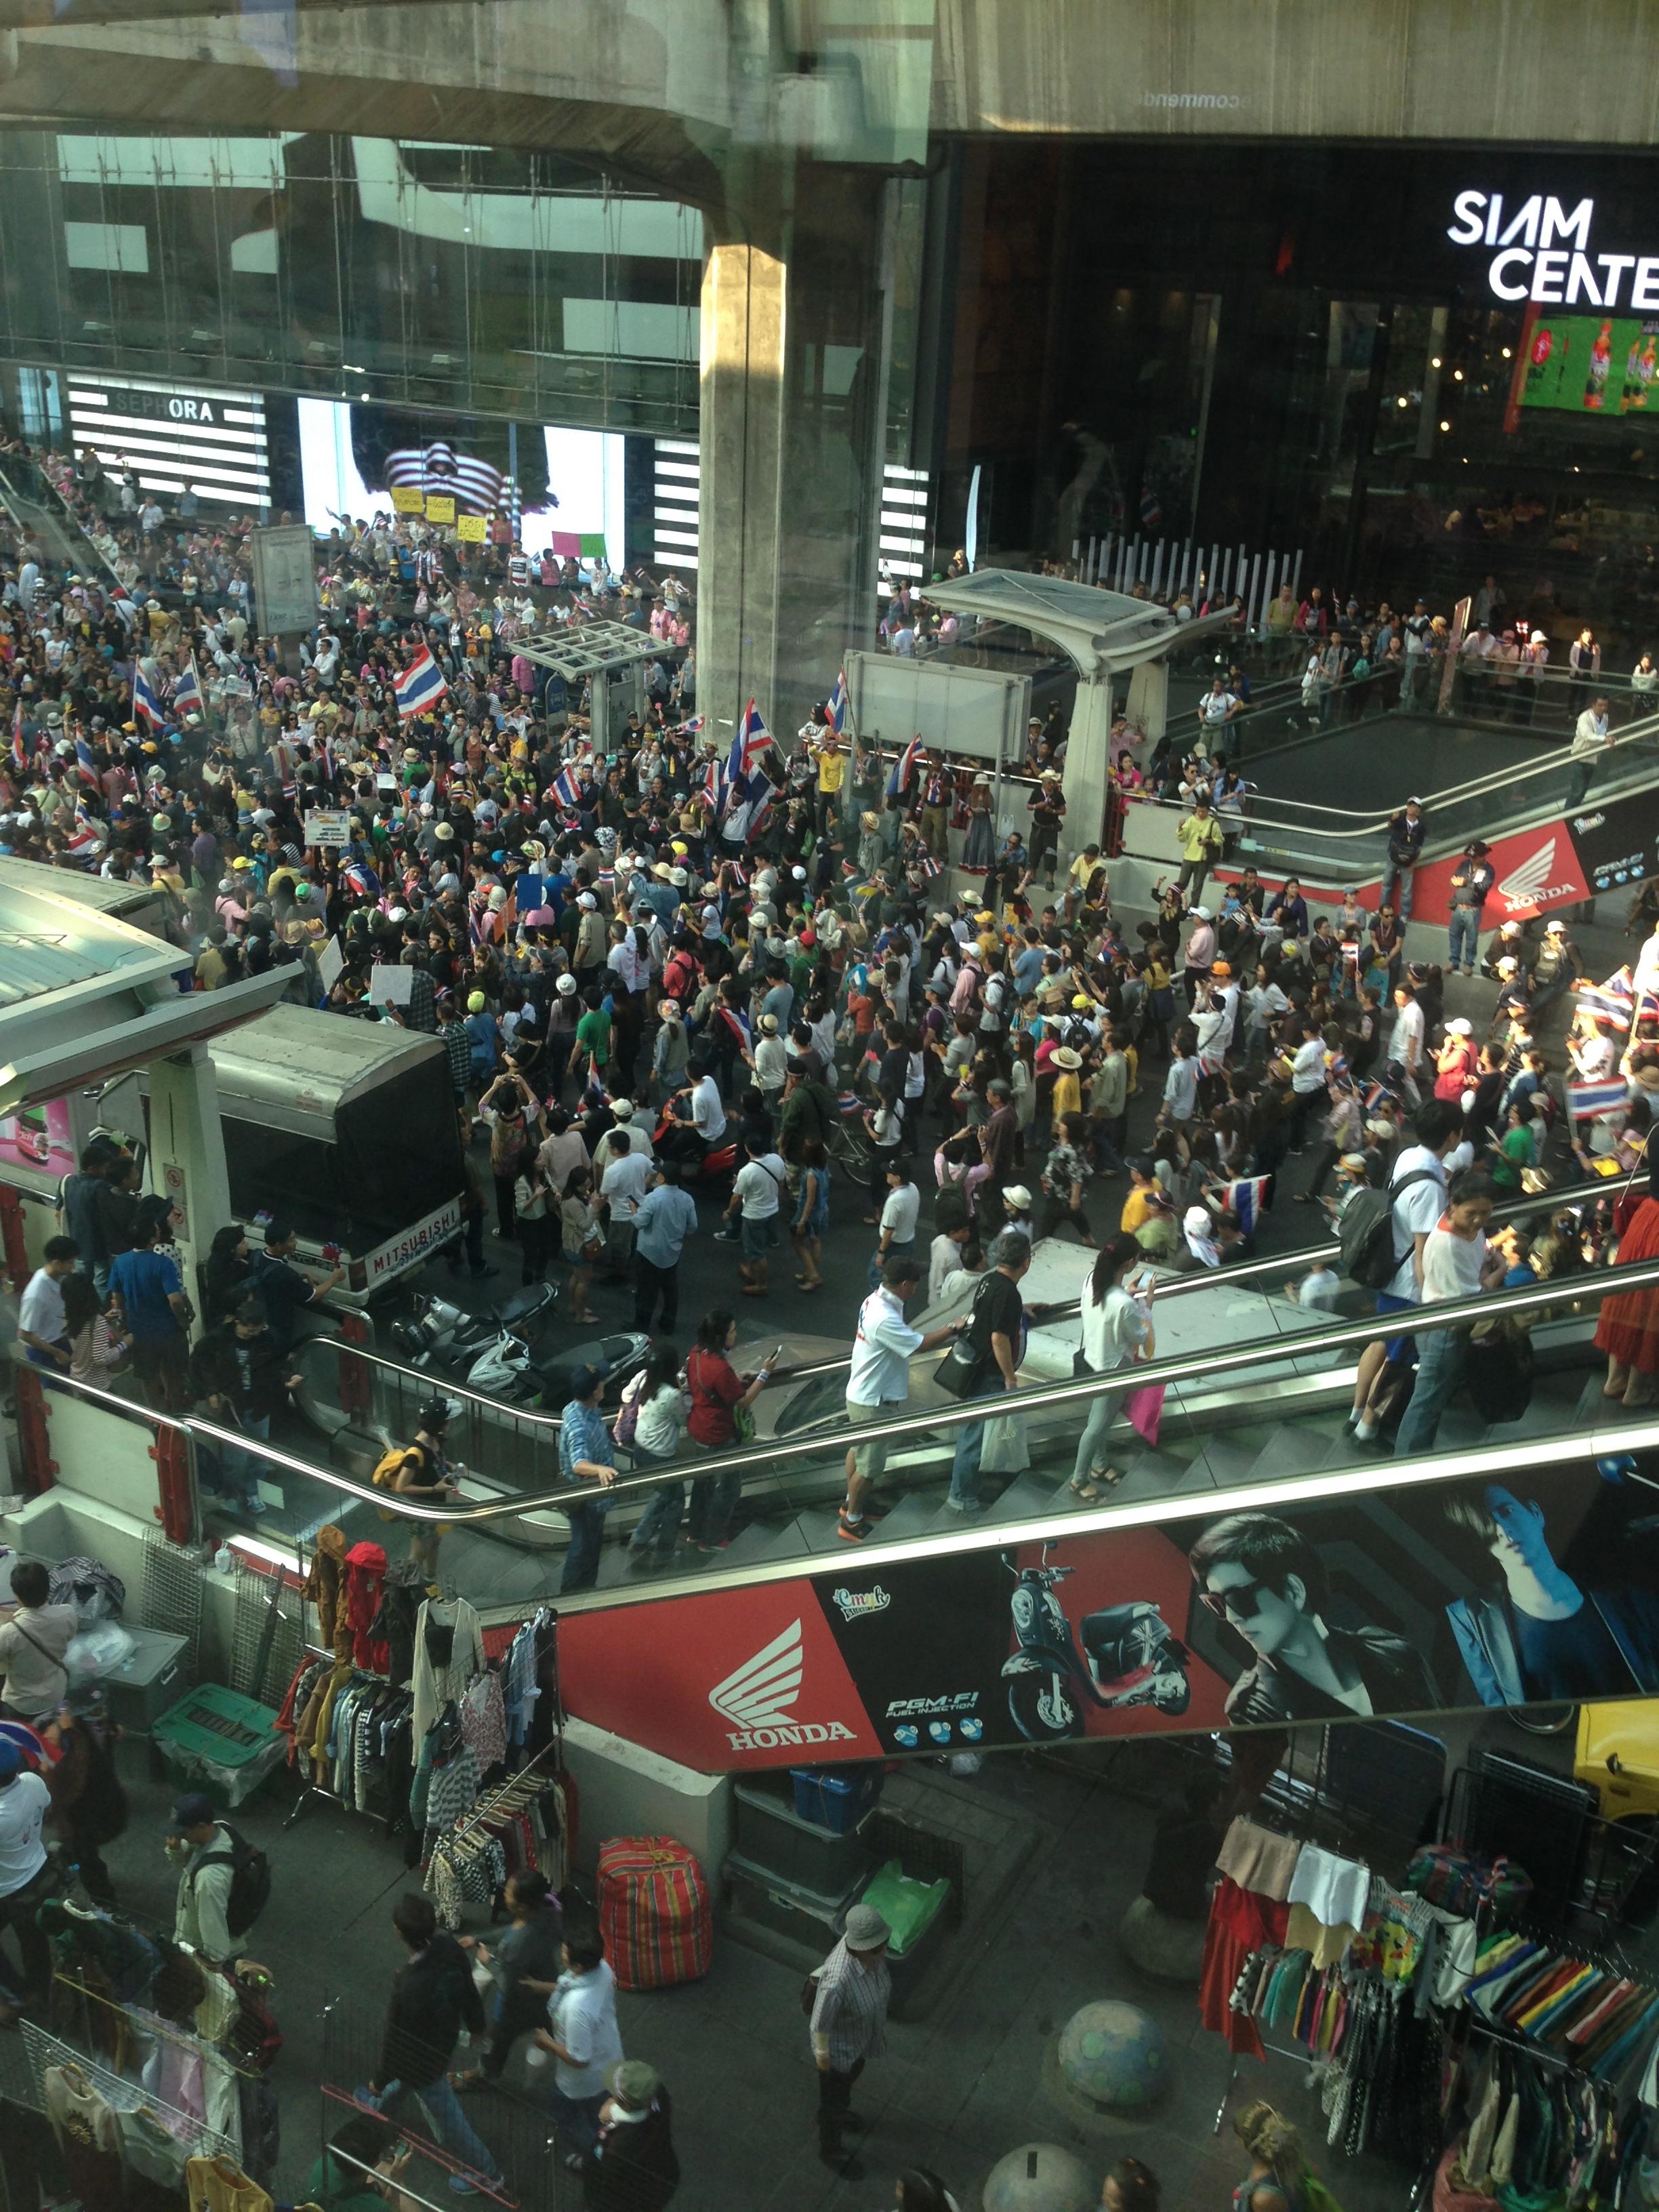 Crowds at the BTS | Bangkok | December 2013